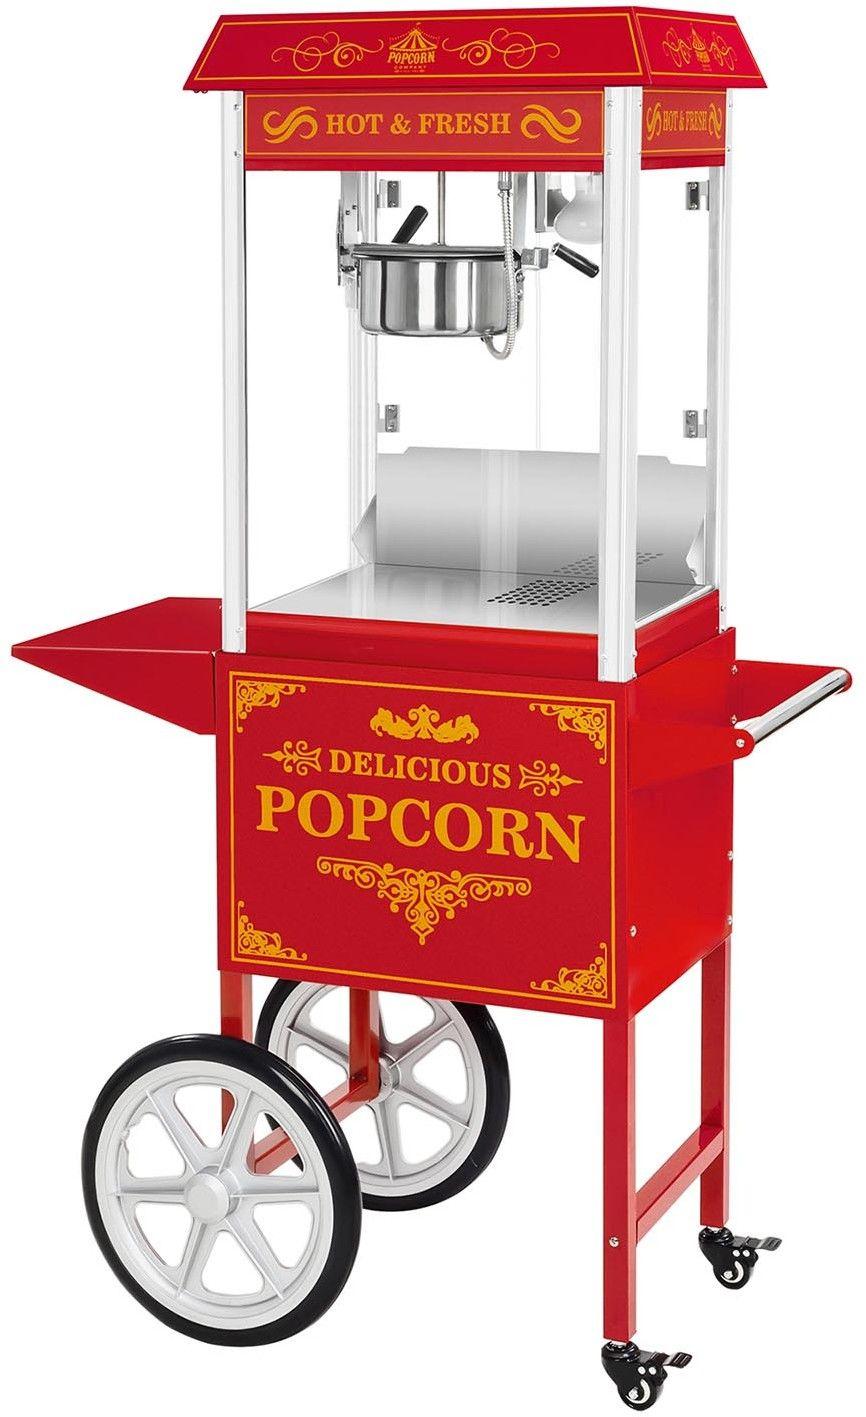 Maszyna do popcornu - wózek - czerwona + Żarówka LED RGB - Royal Catering - RCPW-16.3 Popcorn Machine LED Set - 3 lata gwarancji/wysyłka w 24h